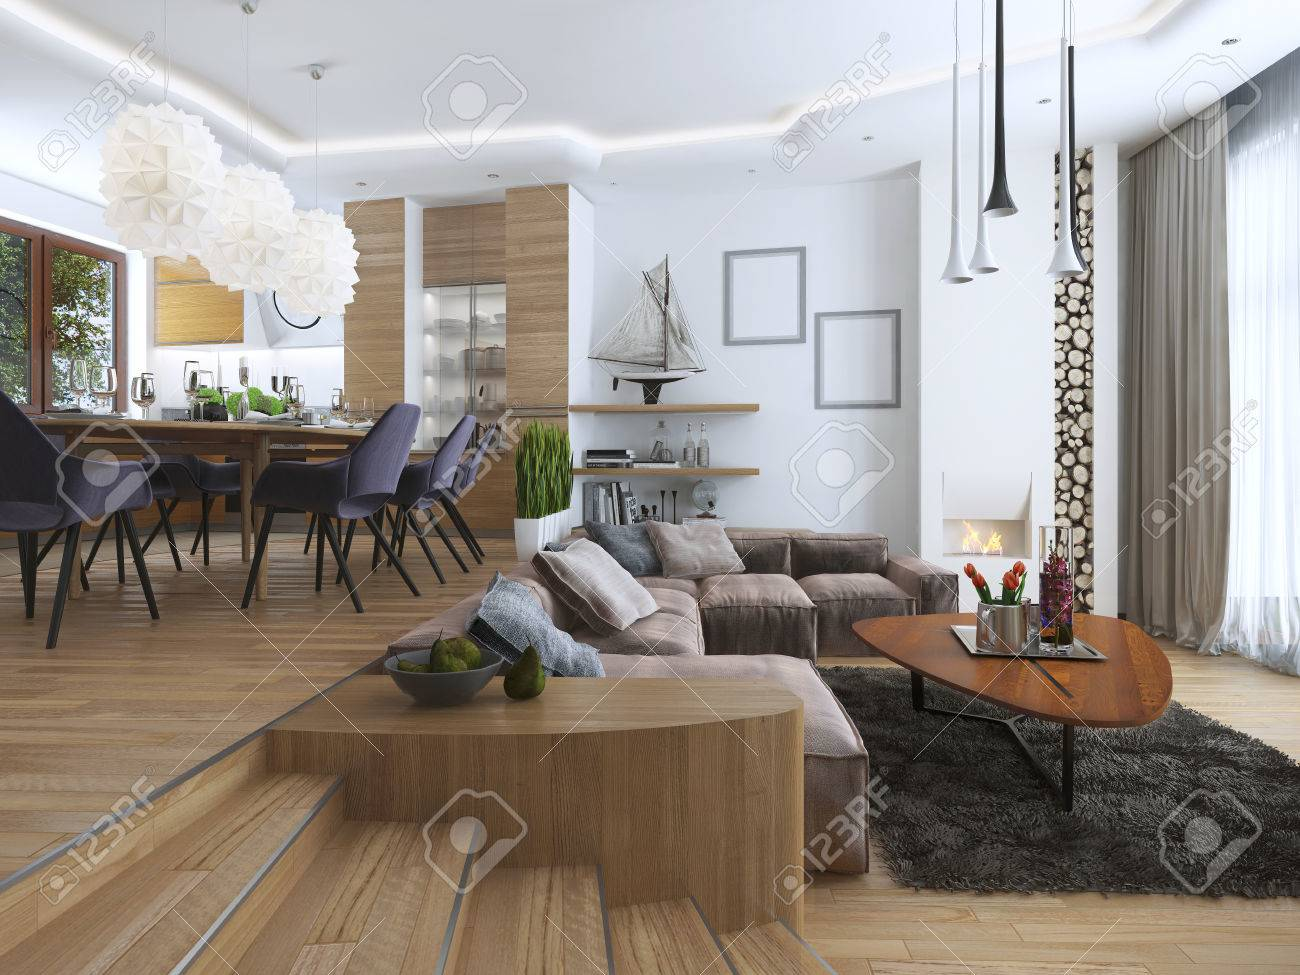 Full Size of Esszimmer Sofa Sofabank Couch Vintage Ikea 3 Sitzer Grau Landhausstil Studio Wohnung Mit Wohnzimmer Und In Einem Stil Home Affaire Barock Schilling Xora Le Sofa Esszimmer Sofa